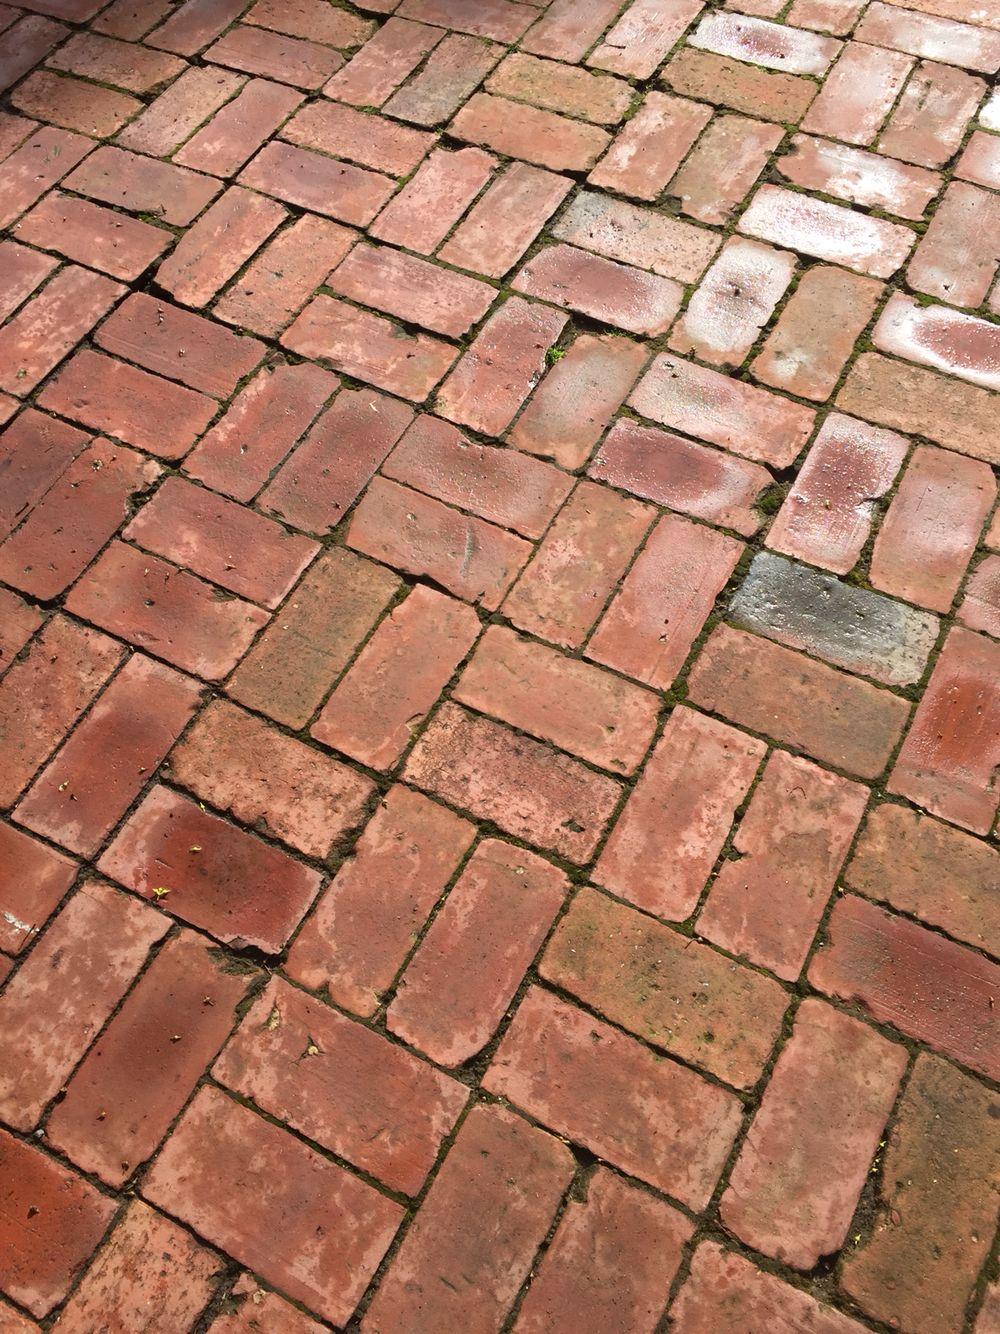 Belaegning Belaegningstegl Tegl Kliker Terrasse Ziegel Bricks